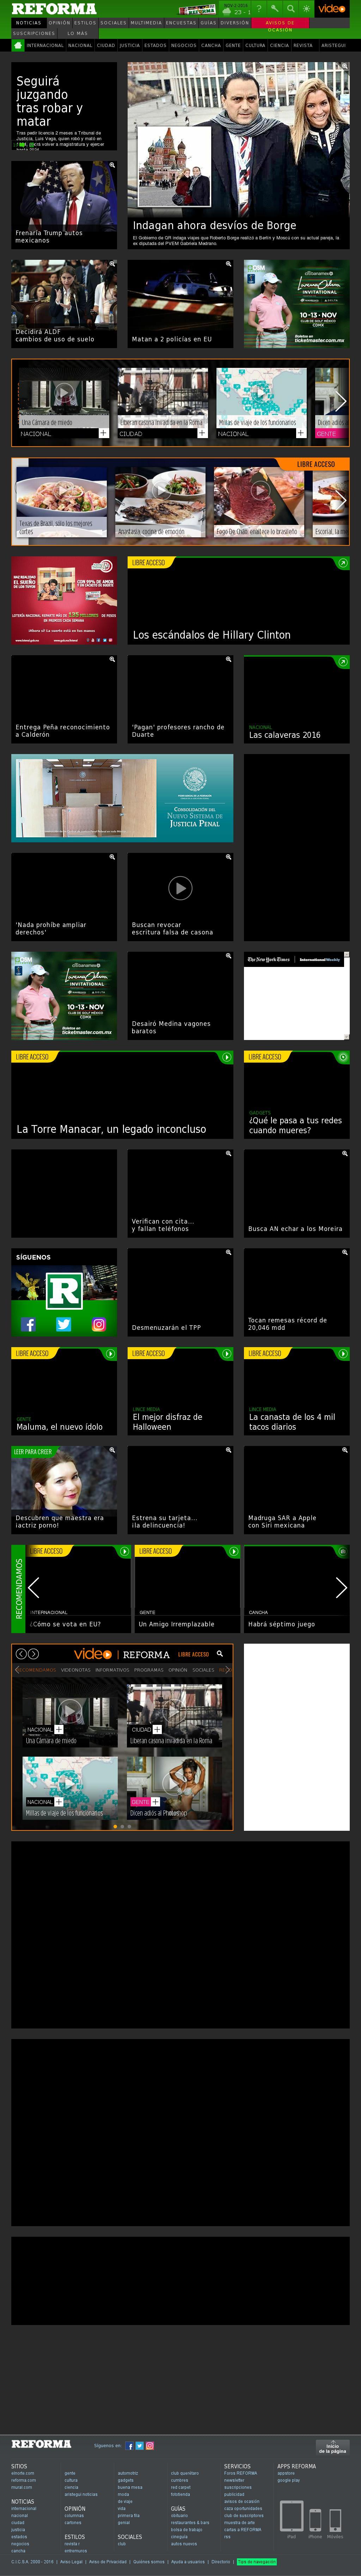 Reforma.com at Wednesday Nov. 2, 2016, 2:14 p.m. UTC